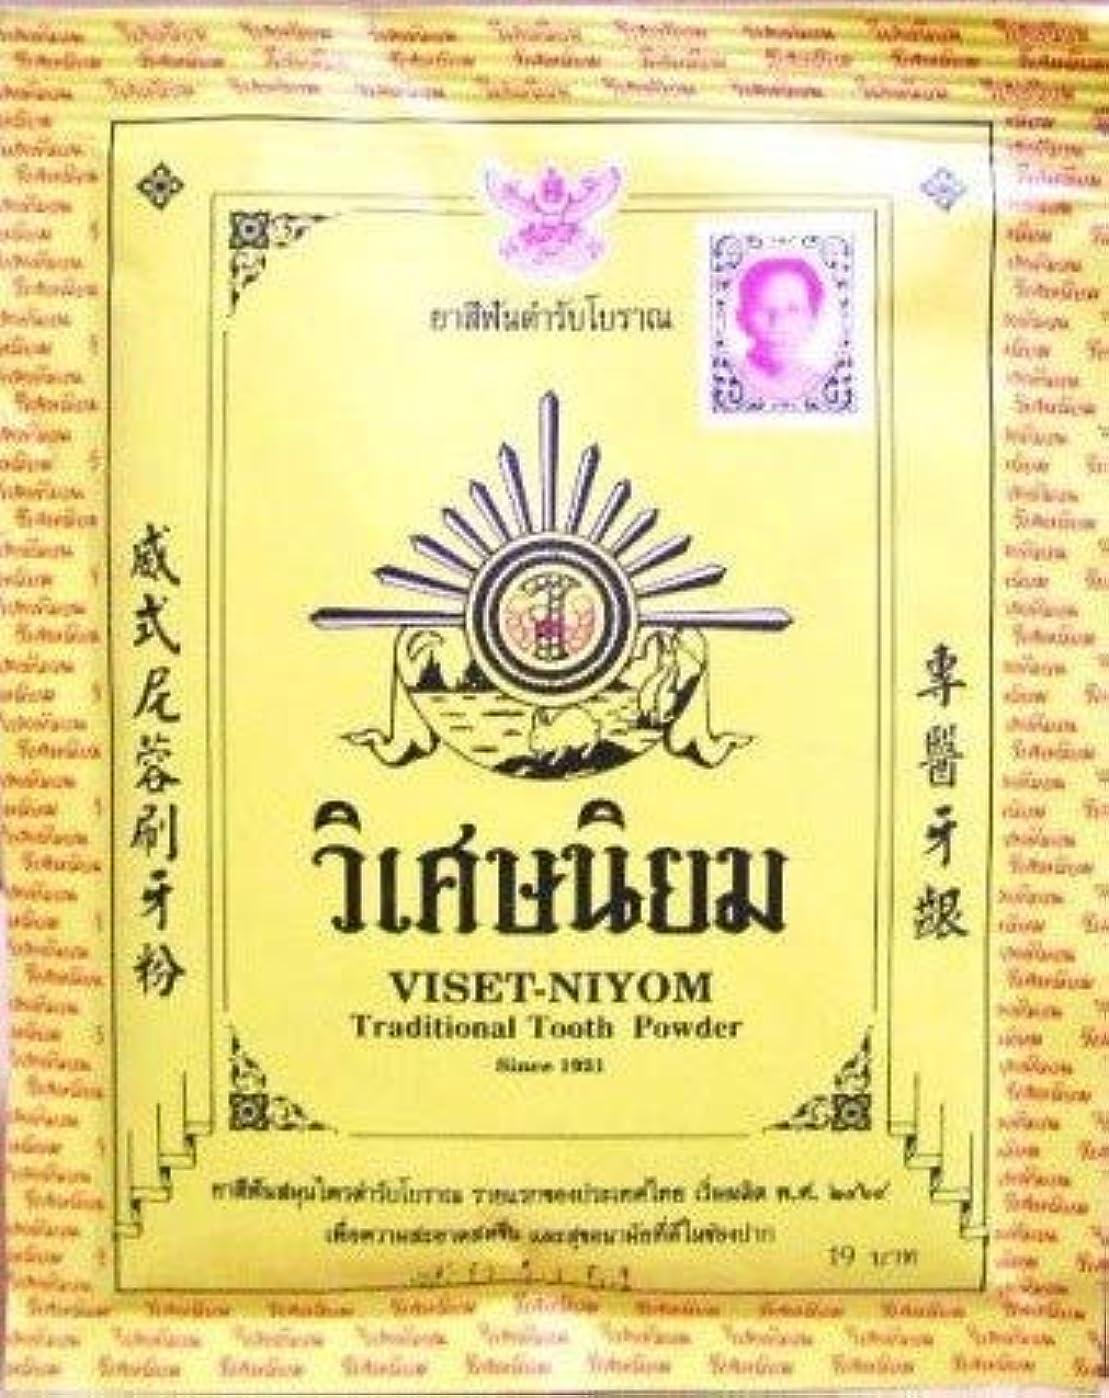 アンタゴニストフランクワースリーカテゴリーNi Yom Thai shop Viset Niyom Thailand Traditional Herbal Toothpaste Powder Reduce Plaque 40g pack of 3